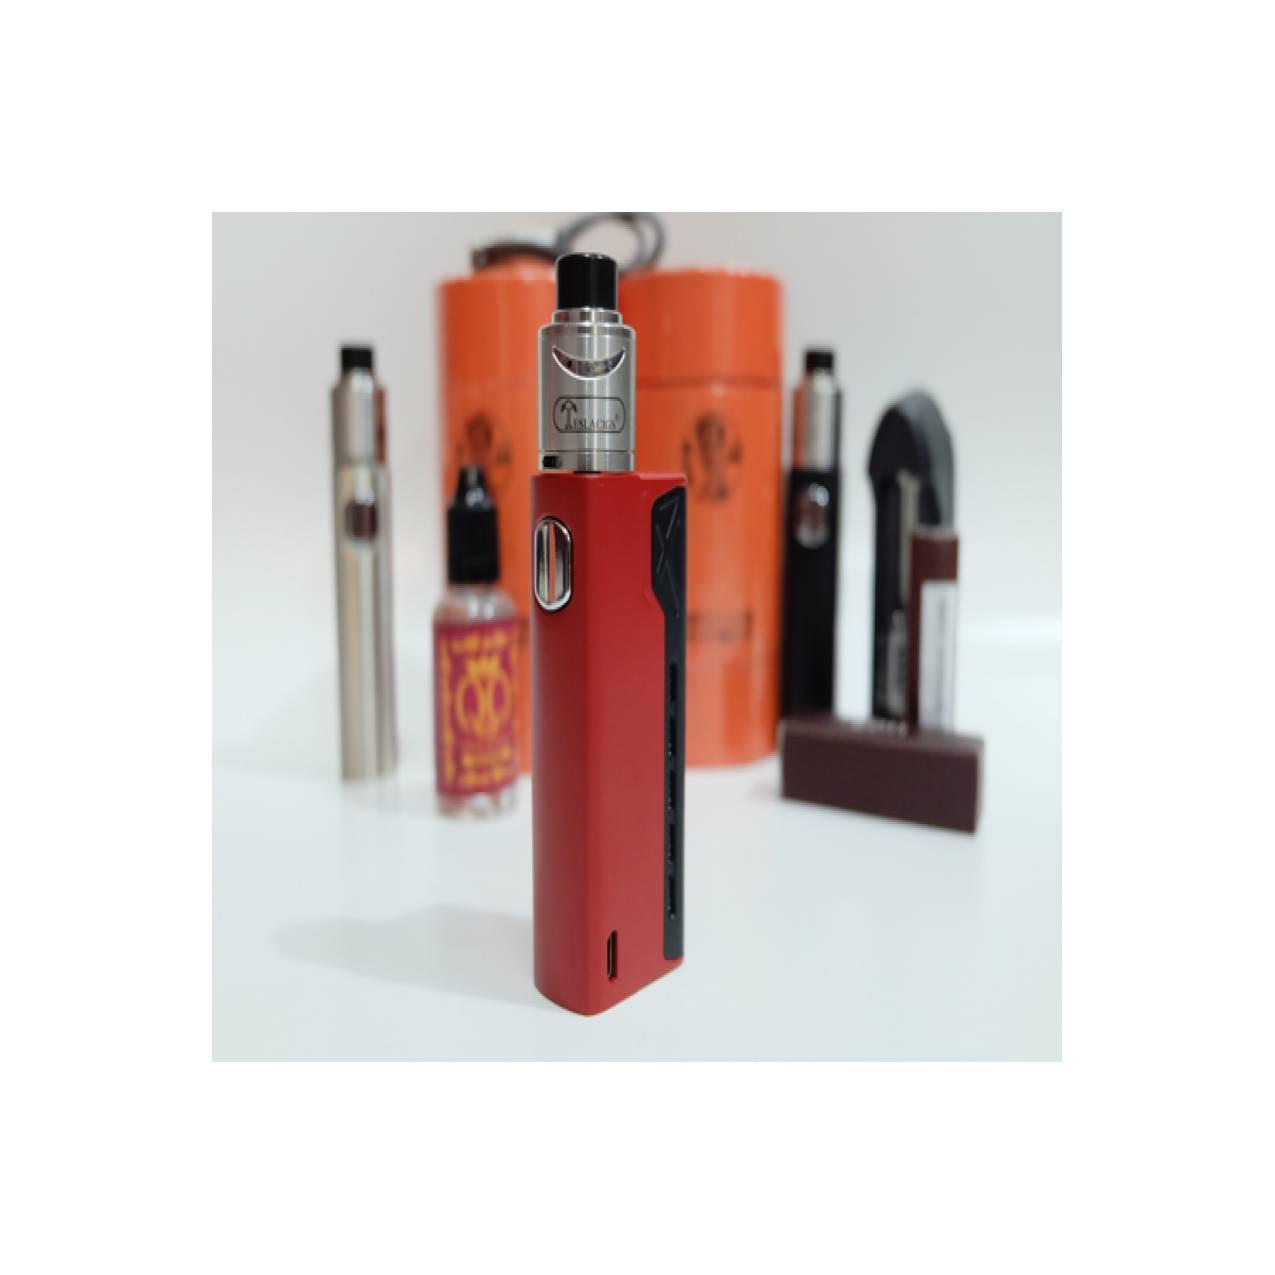 paket vape tesla terminator kit RDA red + LG +Liquid charger